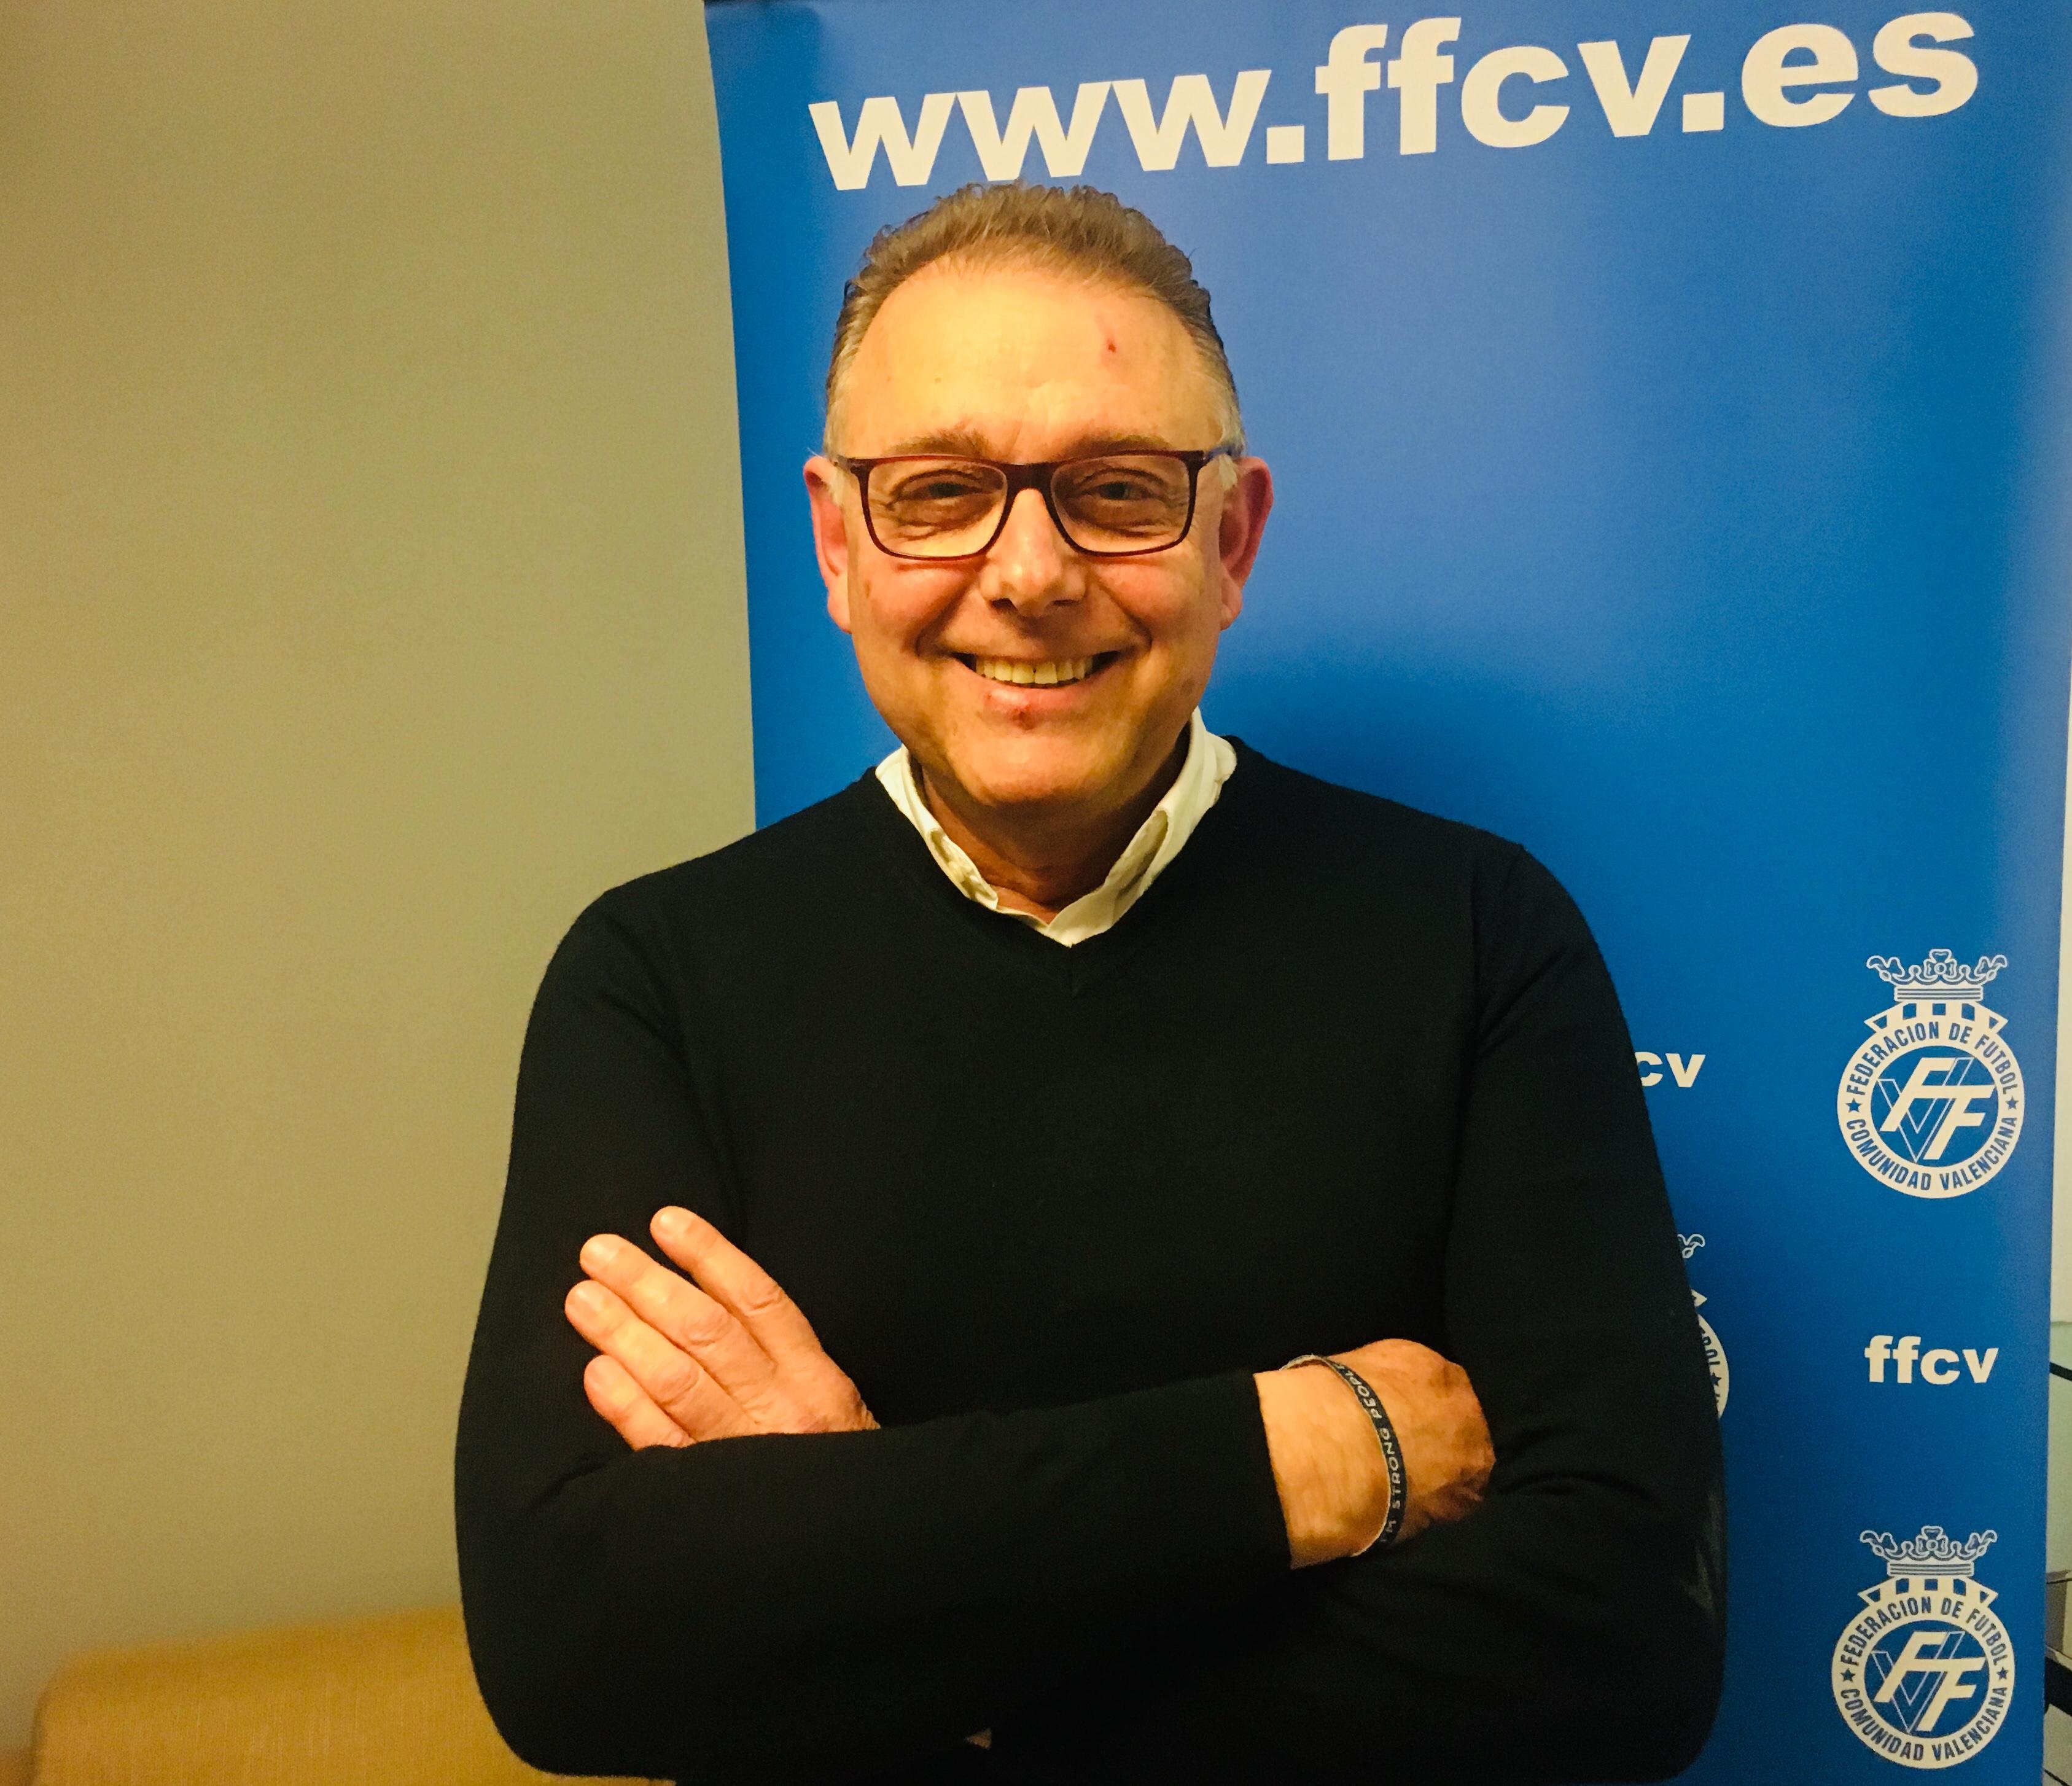 José Enguix, nuevo presidente del Comité Técnico de Árbitros de la FFCV